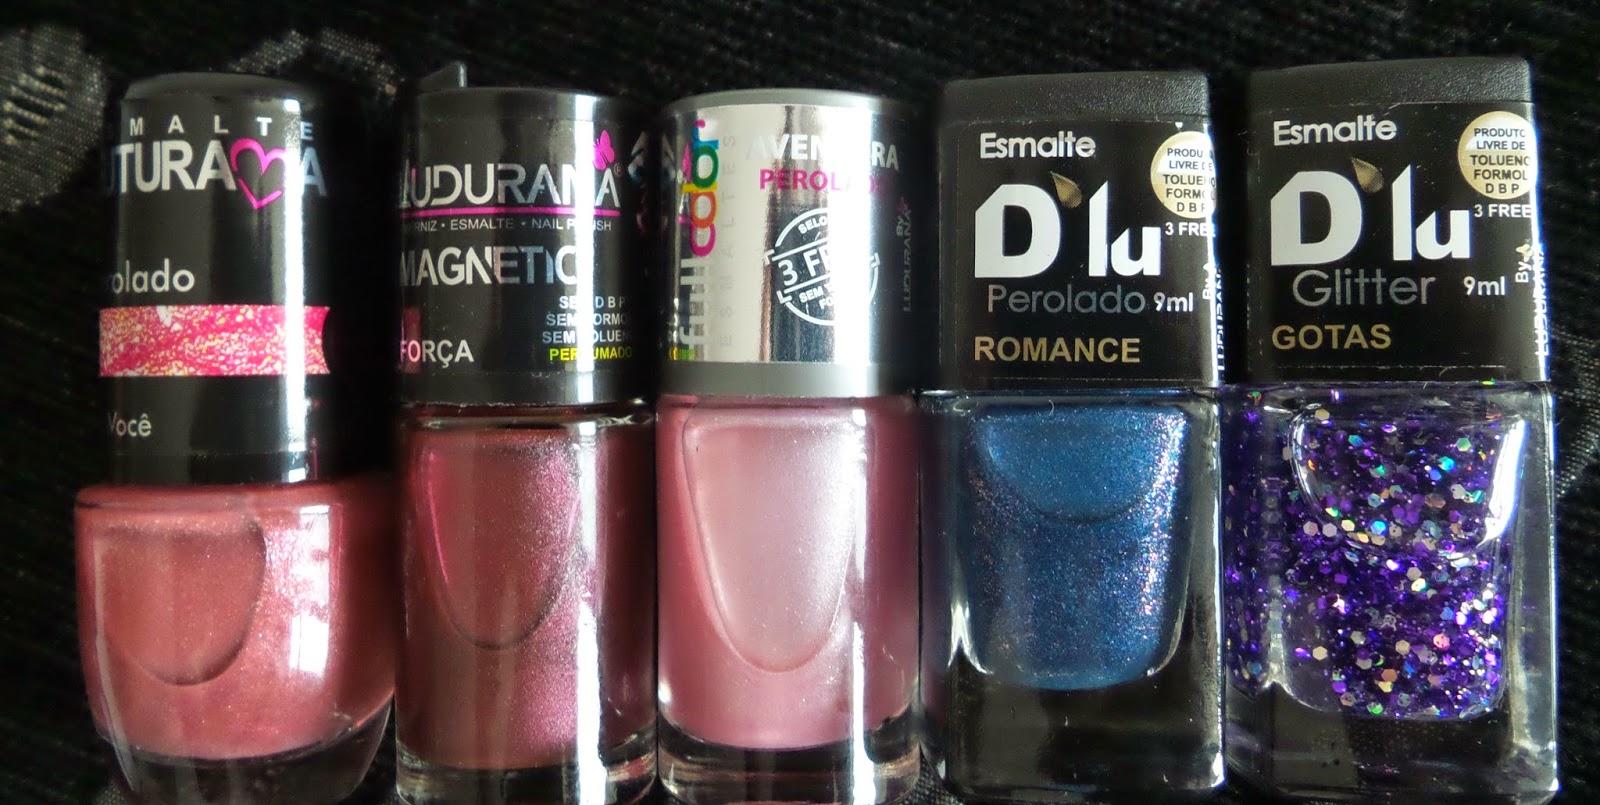 As cores:  Só Você, perolado Futurama.  Força, perfumado e Magnetic, Ludurana.    Aventura, perolado Fullcolor. Romance, perolado D'lu, e Gotas, glitter D'lu.